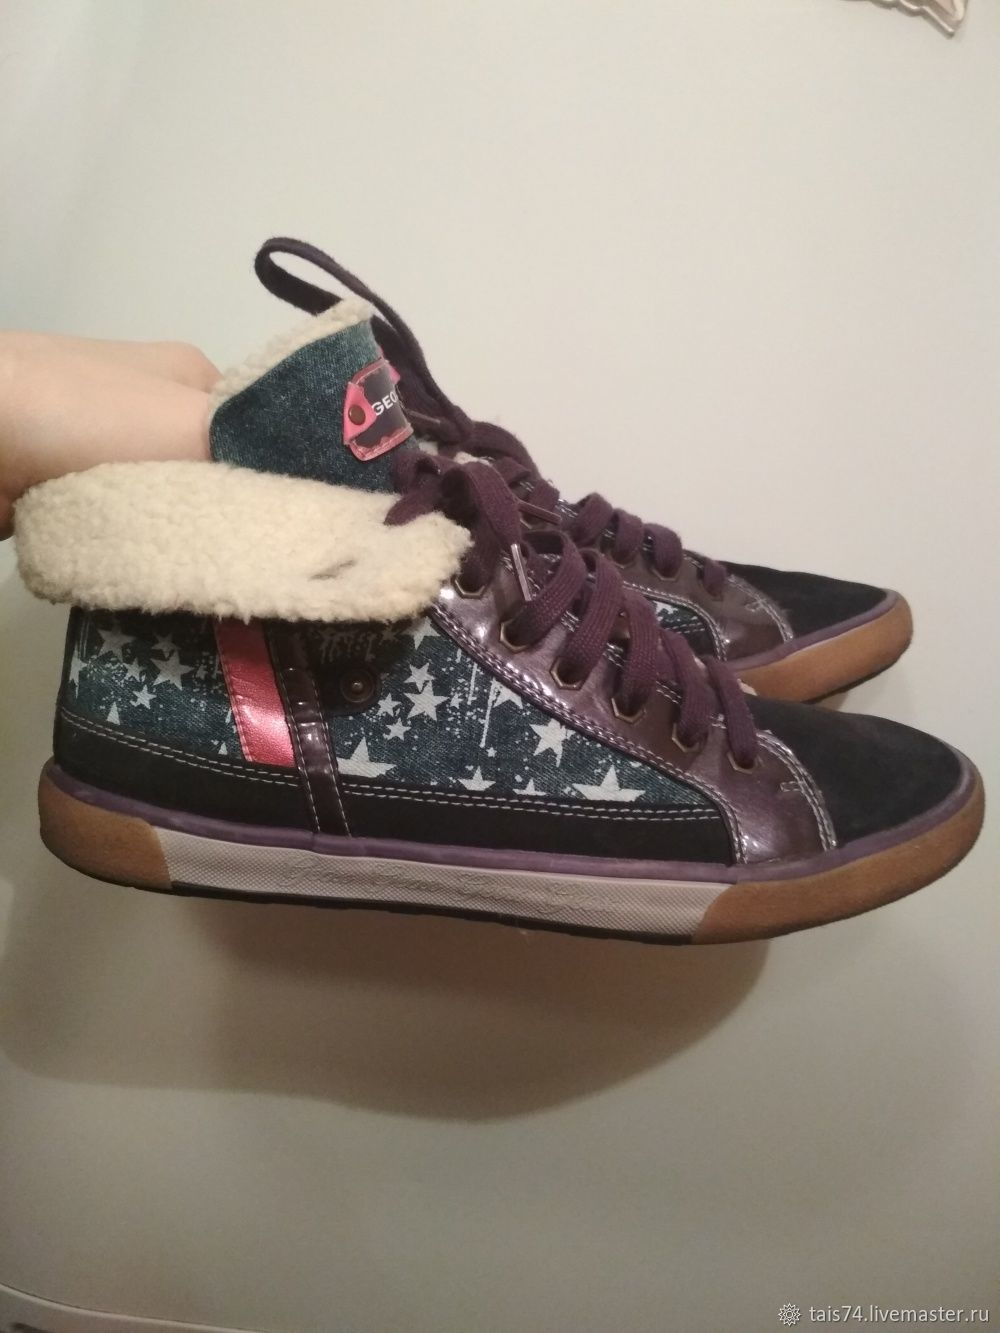 83323a19b ... Винтажная обувь. Винтаж: Кроссовки женские (высокие демисезонние на  меху) марки Geox 39р ...